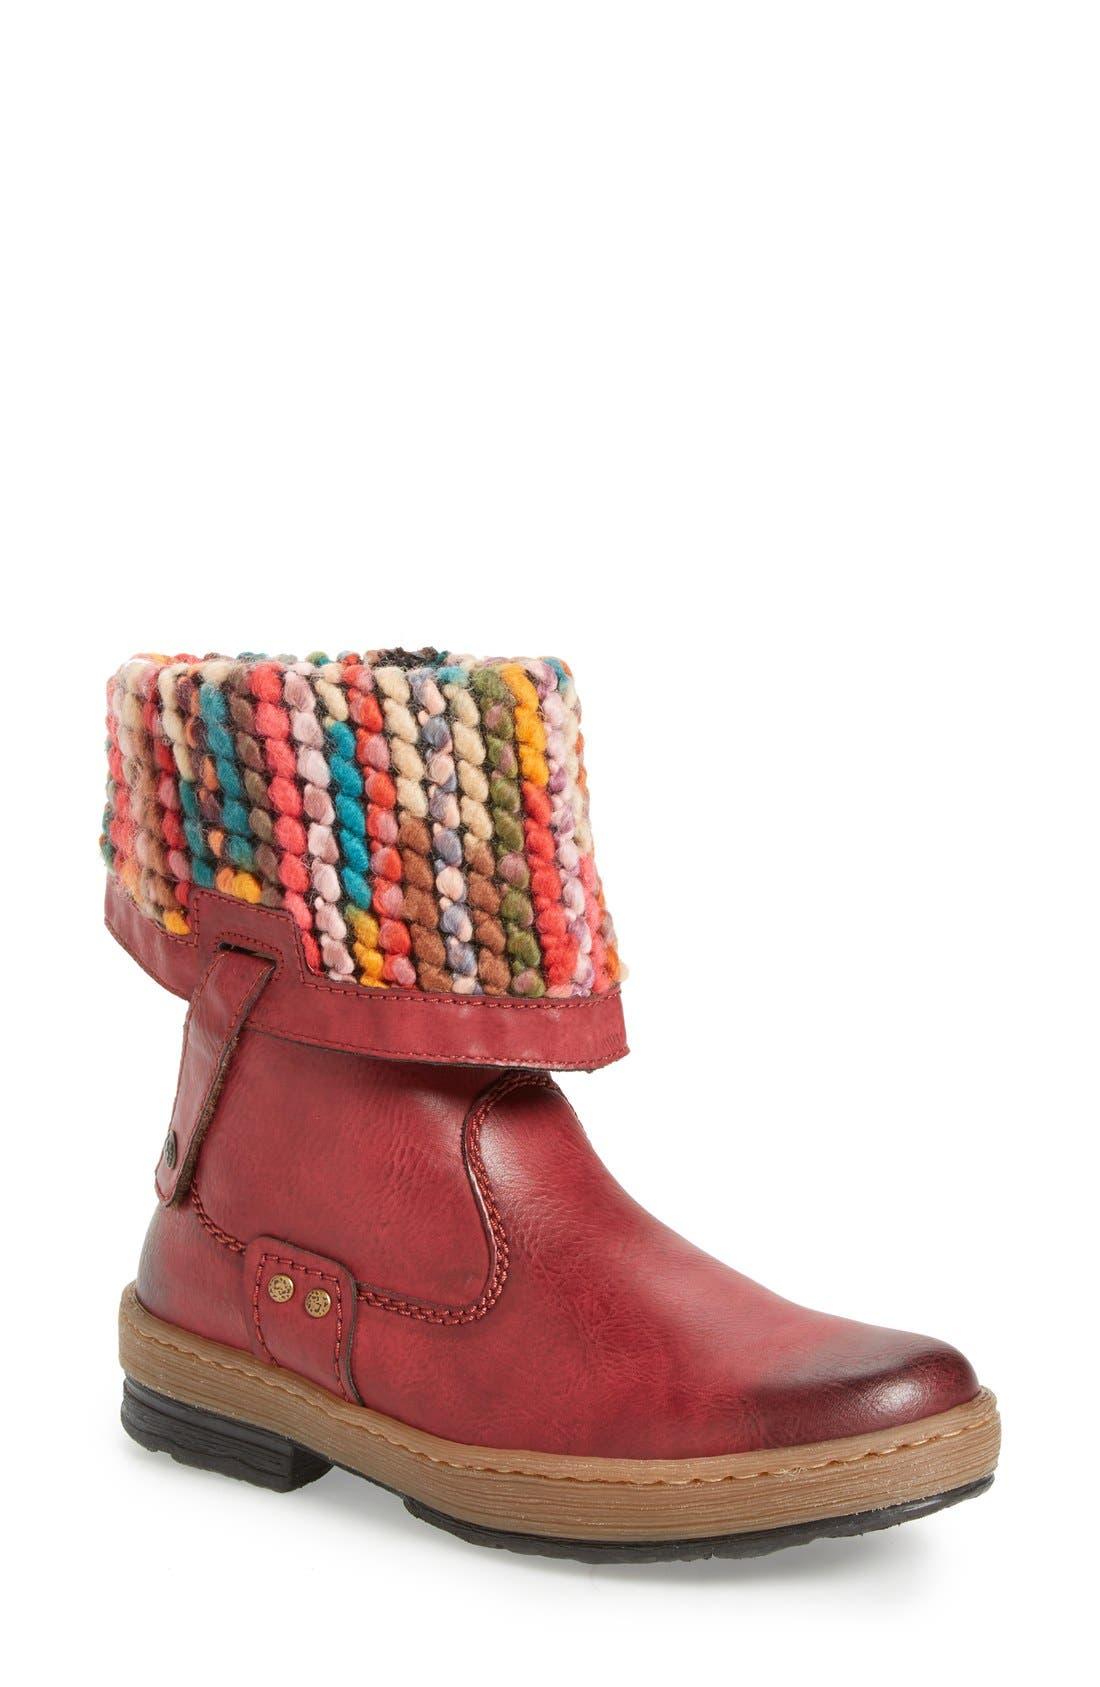 'Felicitas 98' Foldover Boot,                             Main thumbnail 1, color,                             930